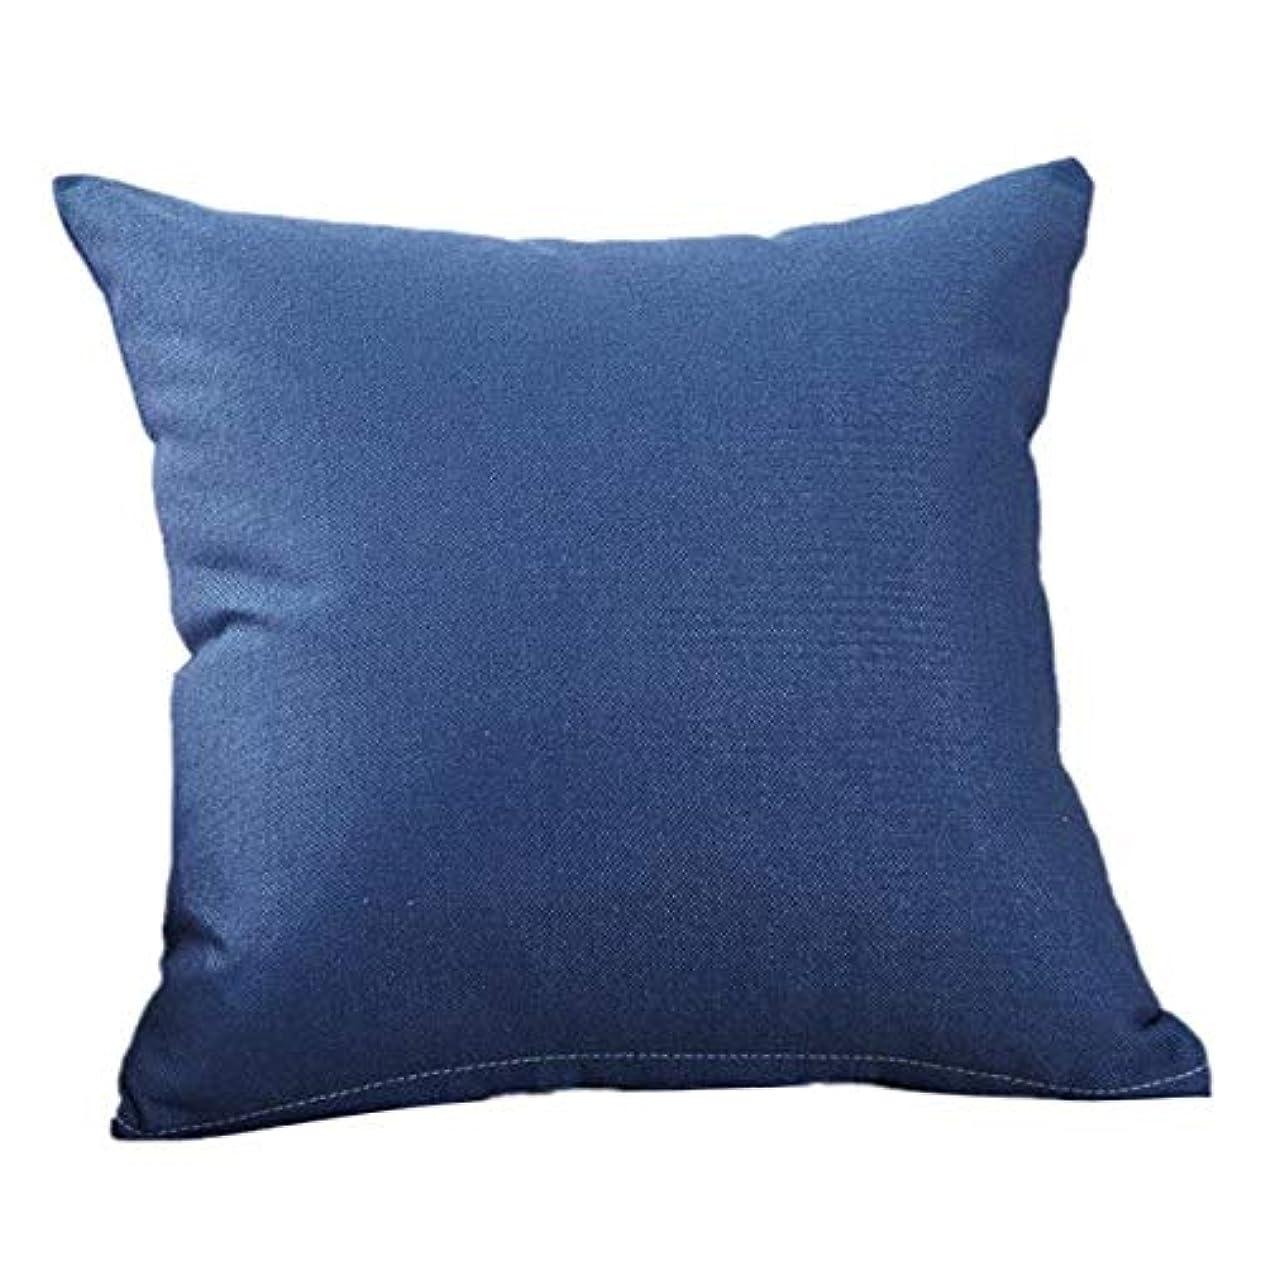 タンパク質空気引き付けるLIFE クリエイティブシンプルなファッションスロー枕クッションカフェソファクッションのホームインテリア z0403# G20 クッション 椅子